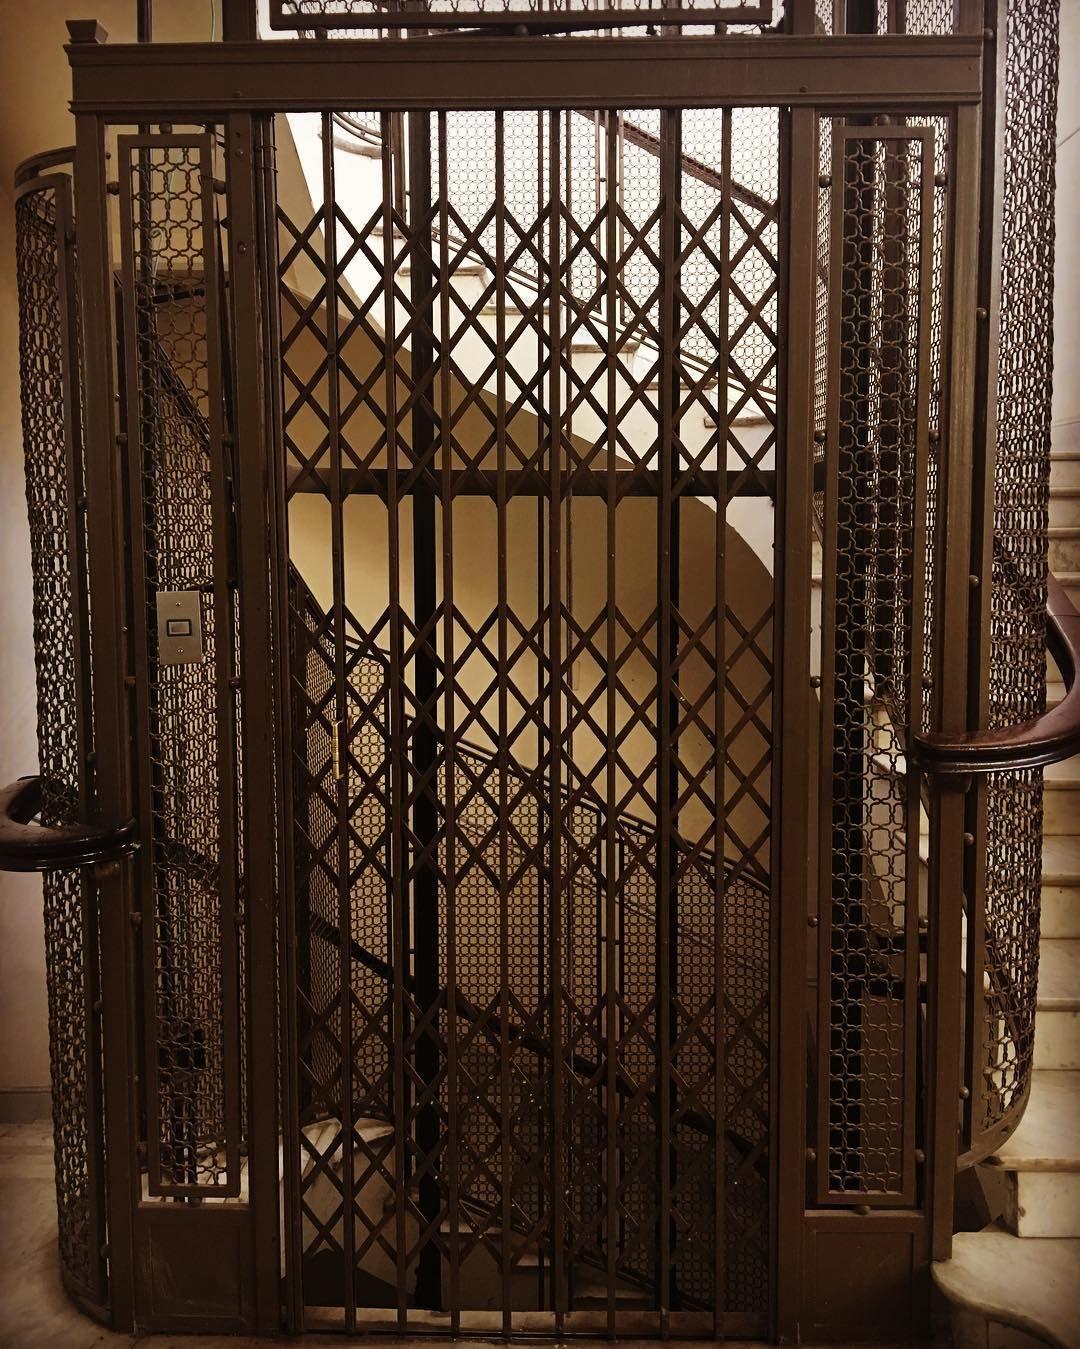 Frente de una cabina de hierro #ascensor #elevador #vintage #antique ...